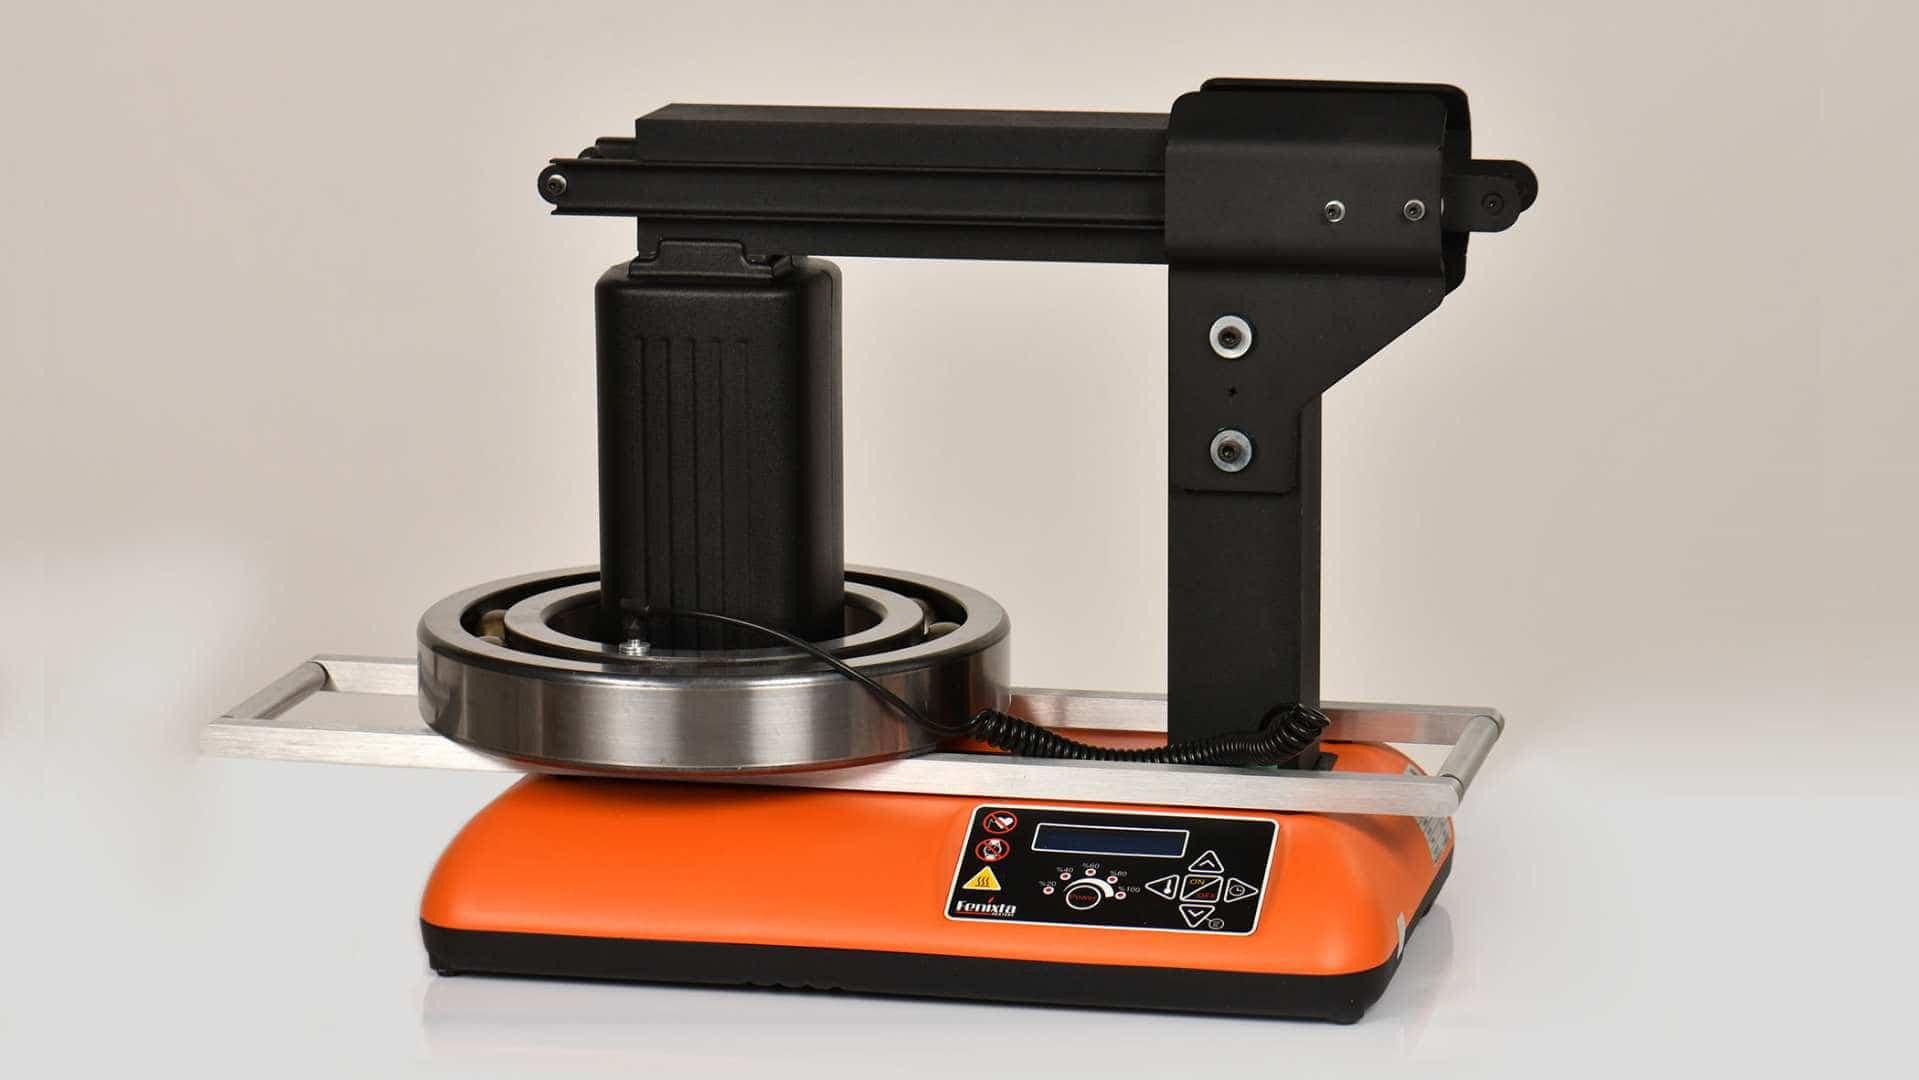 Fenixta H125 turbo rulman ısıtma cihazı turbo ısıtma